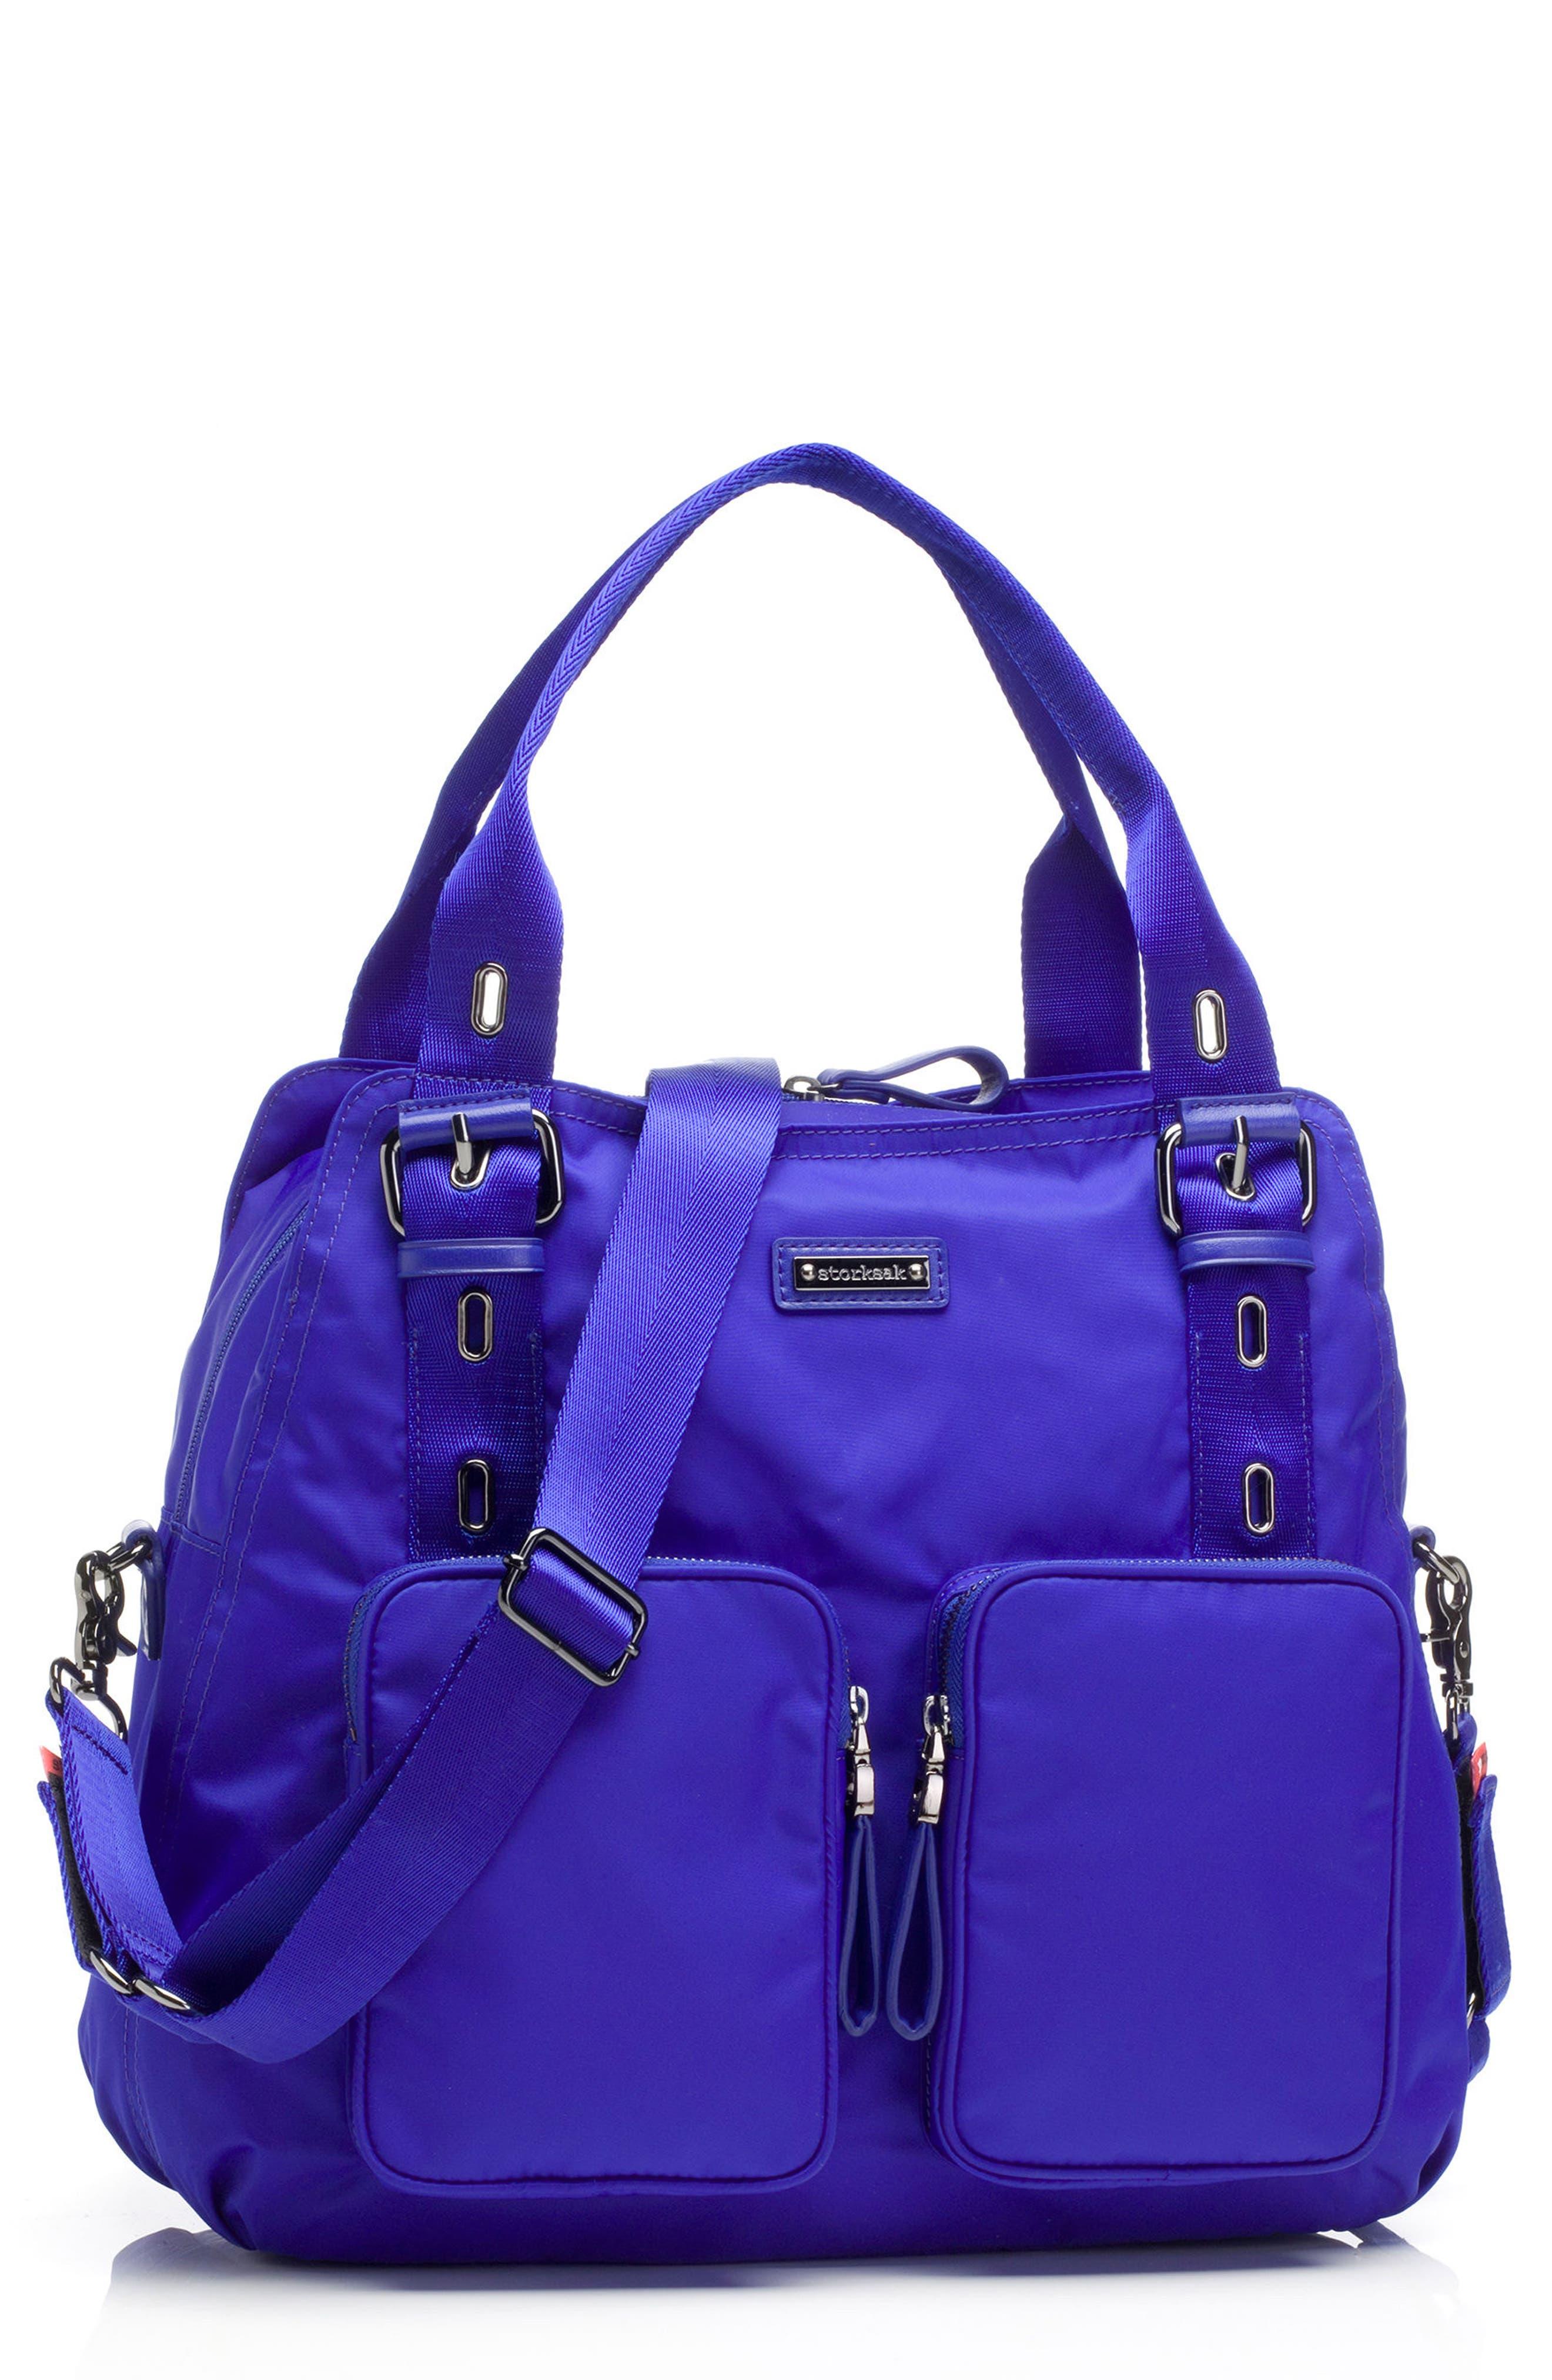 Storsak Alexa Diaper Bag,                         Main,                         color, Indigo